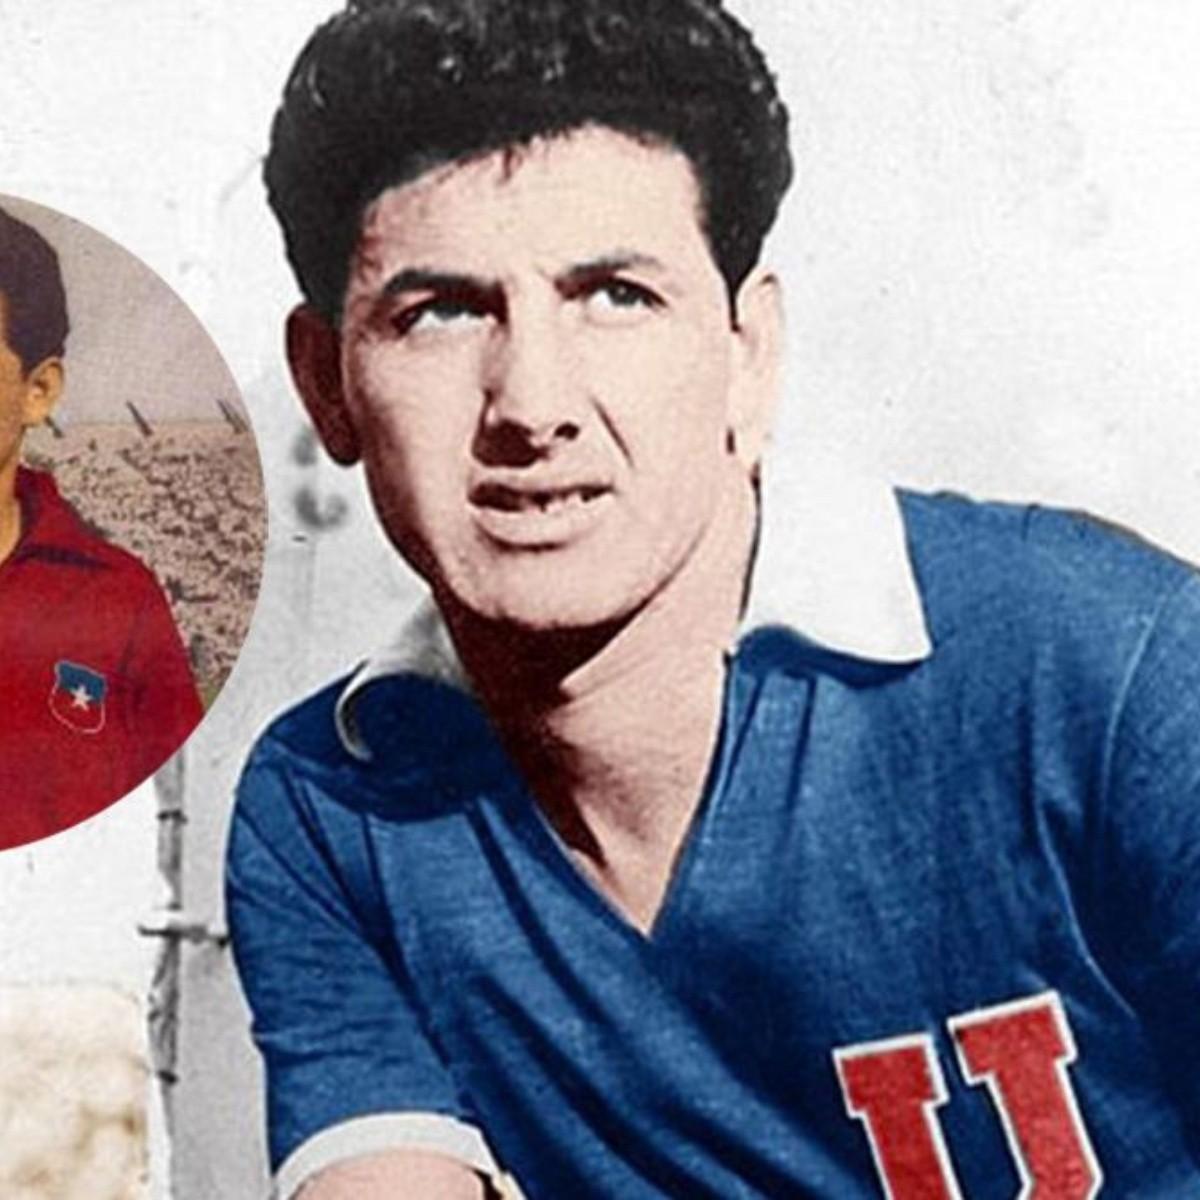 La FIFA saluda a Leonel Sánchez en su cumpleaños y recuerda sus golazos en el Mundial de Chile 1962   RedGol